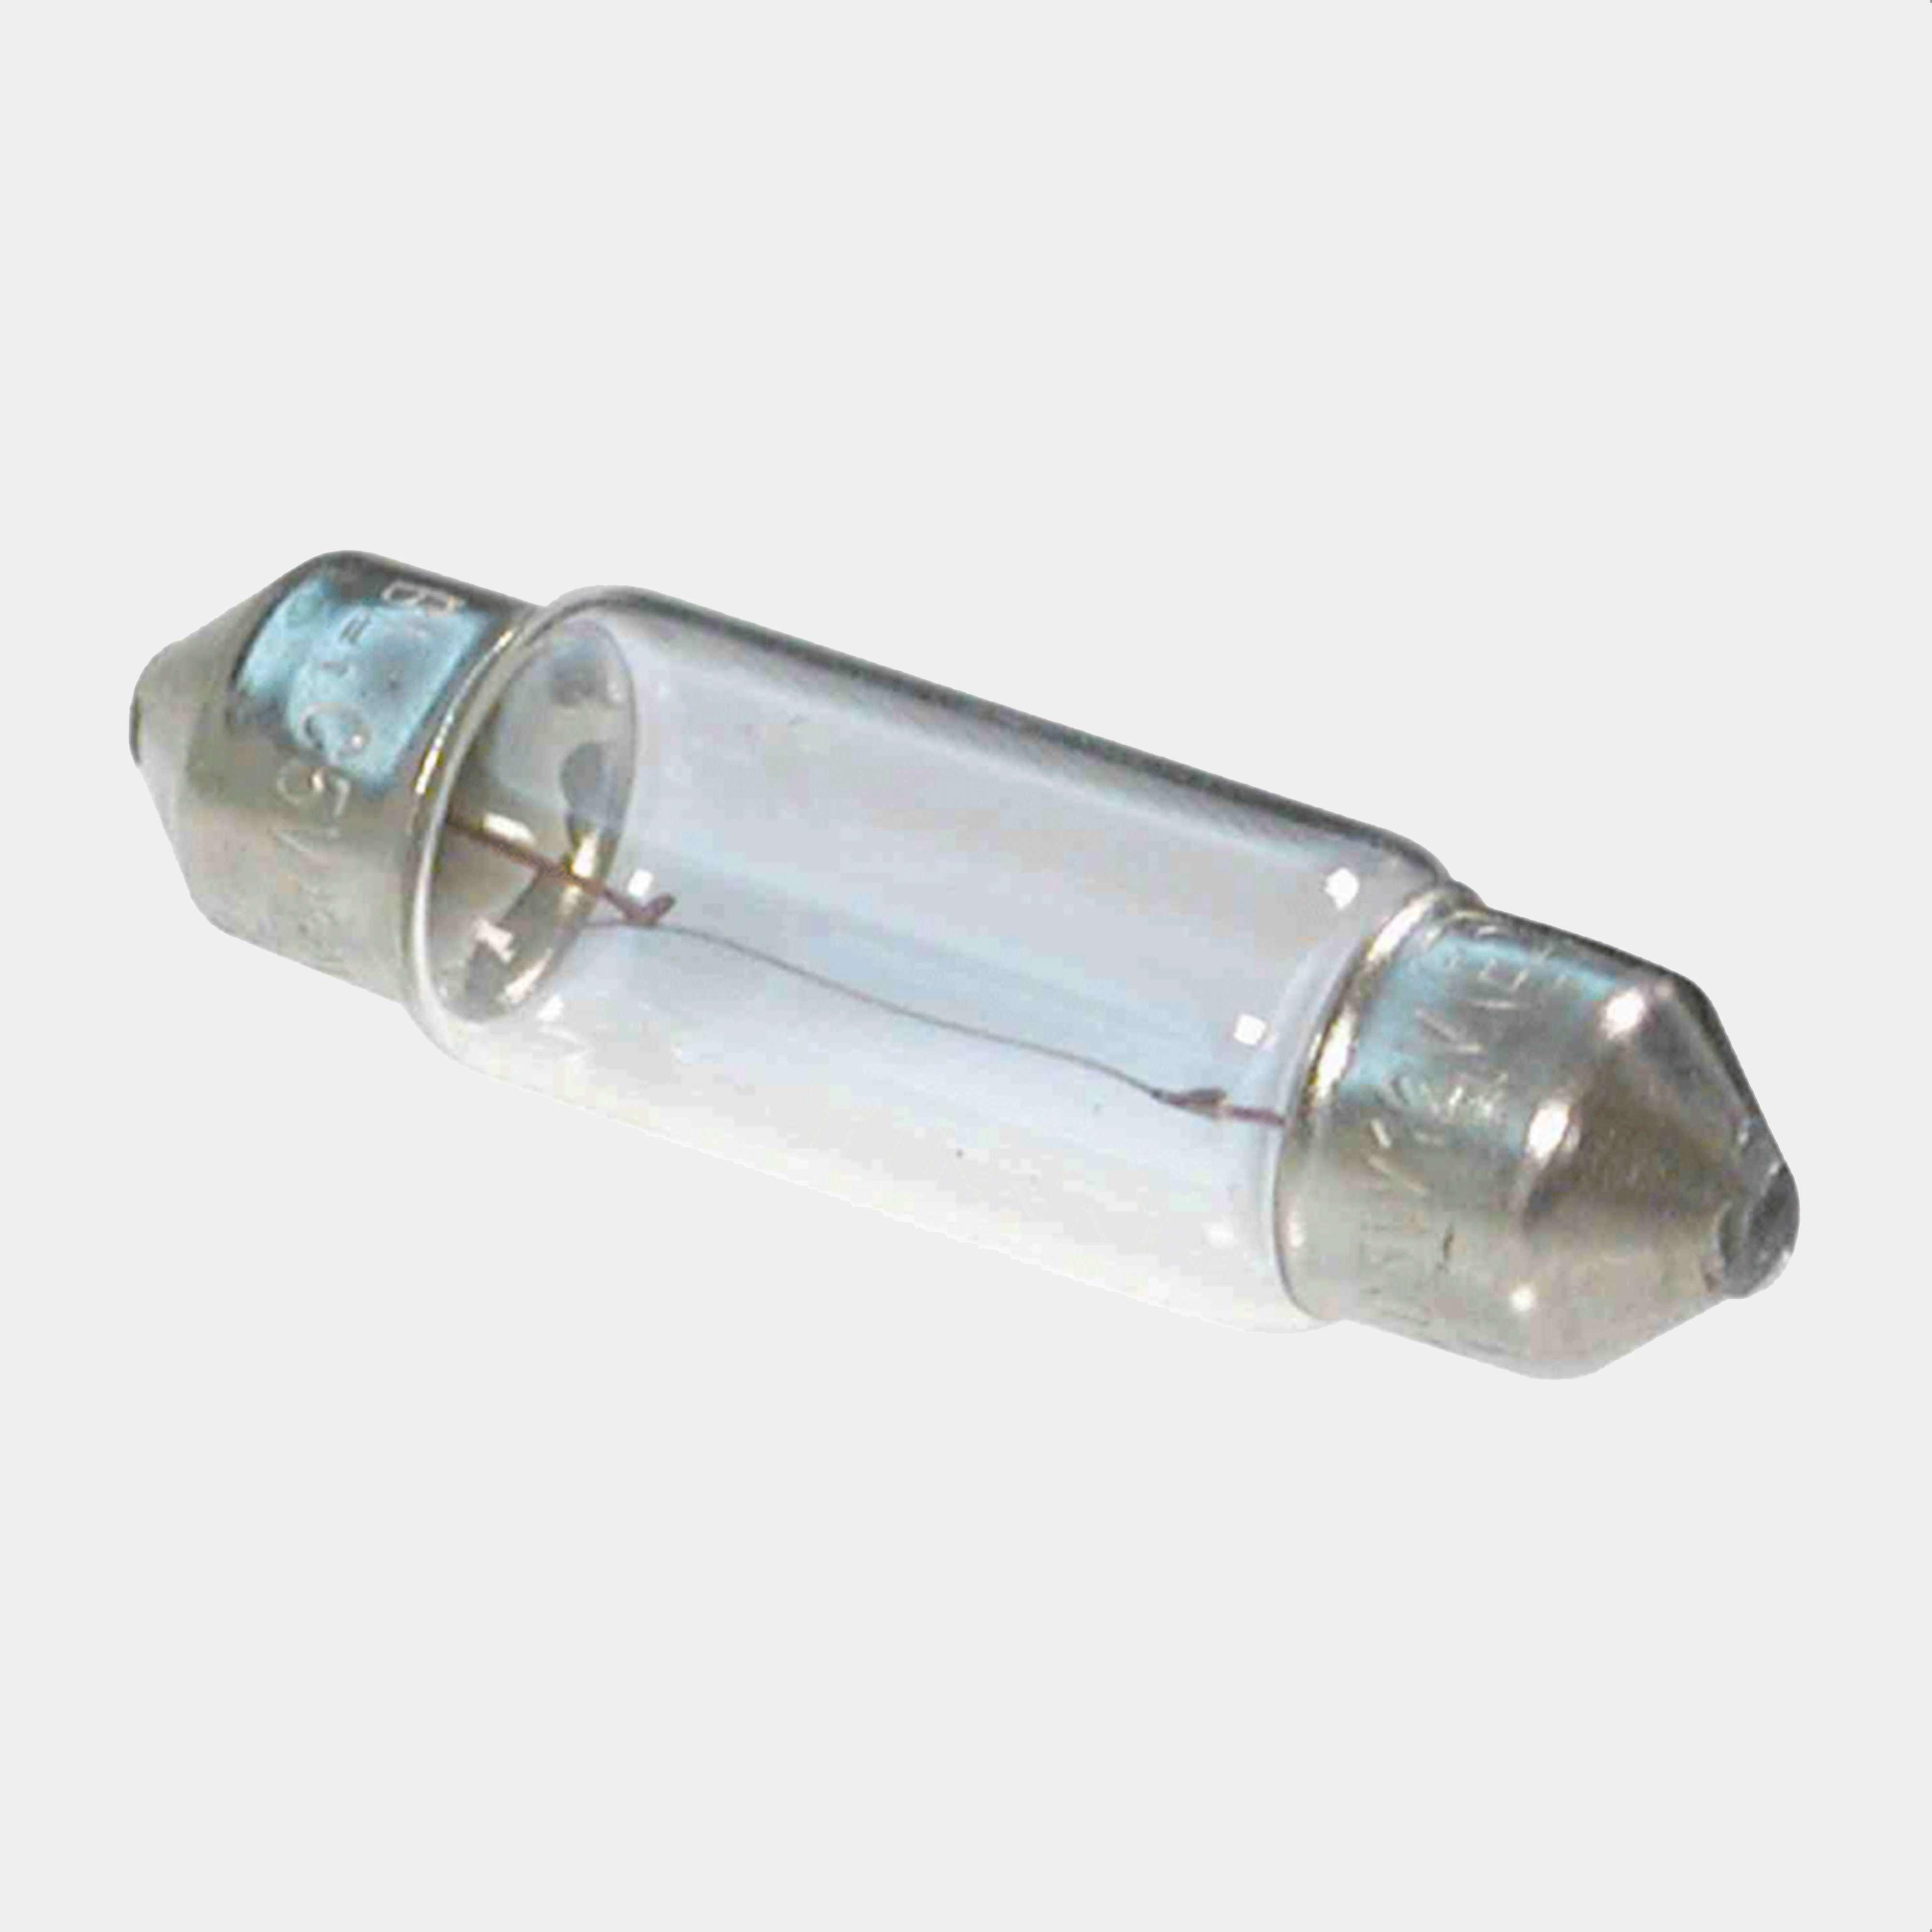 W4 5W Festoon Bulb